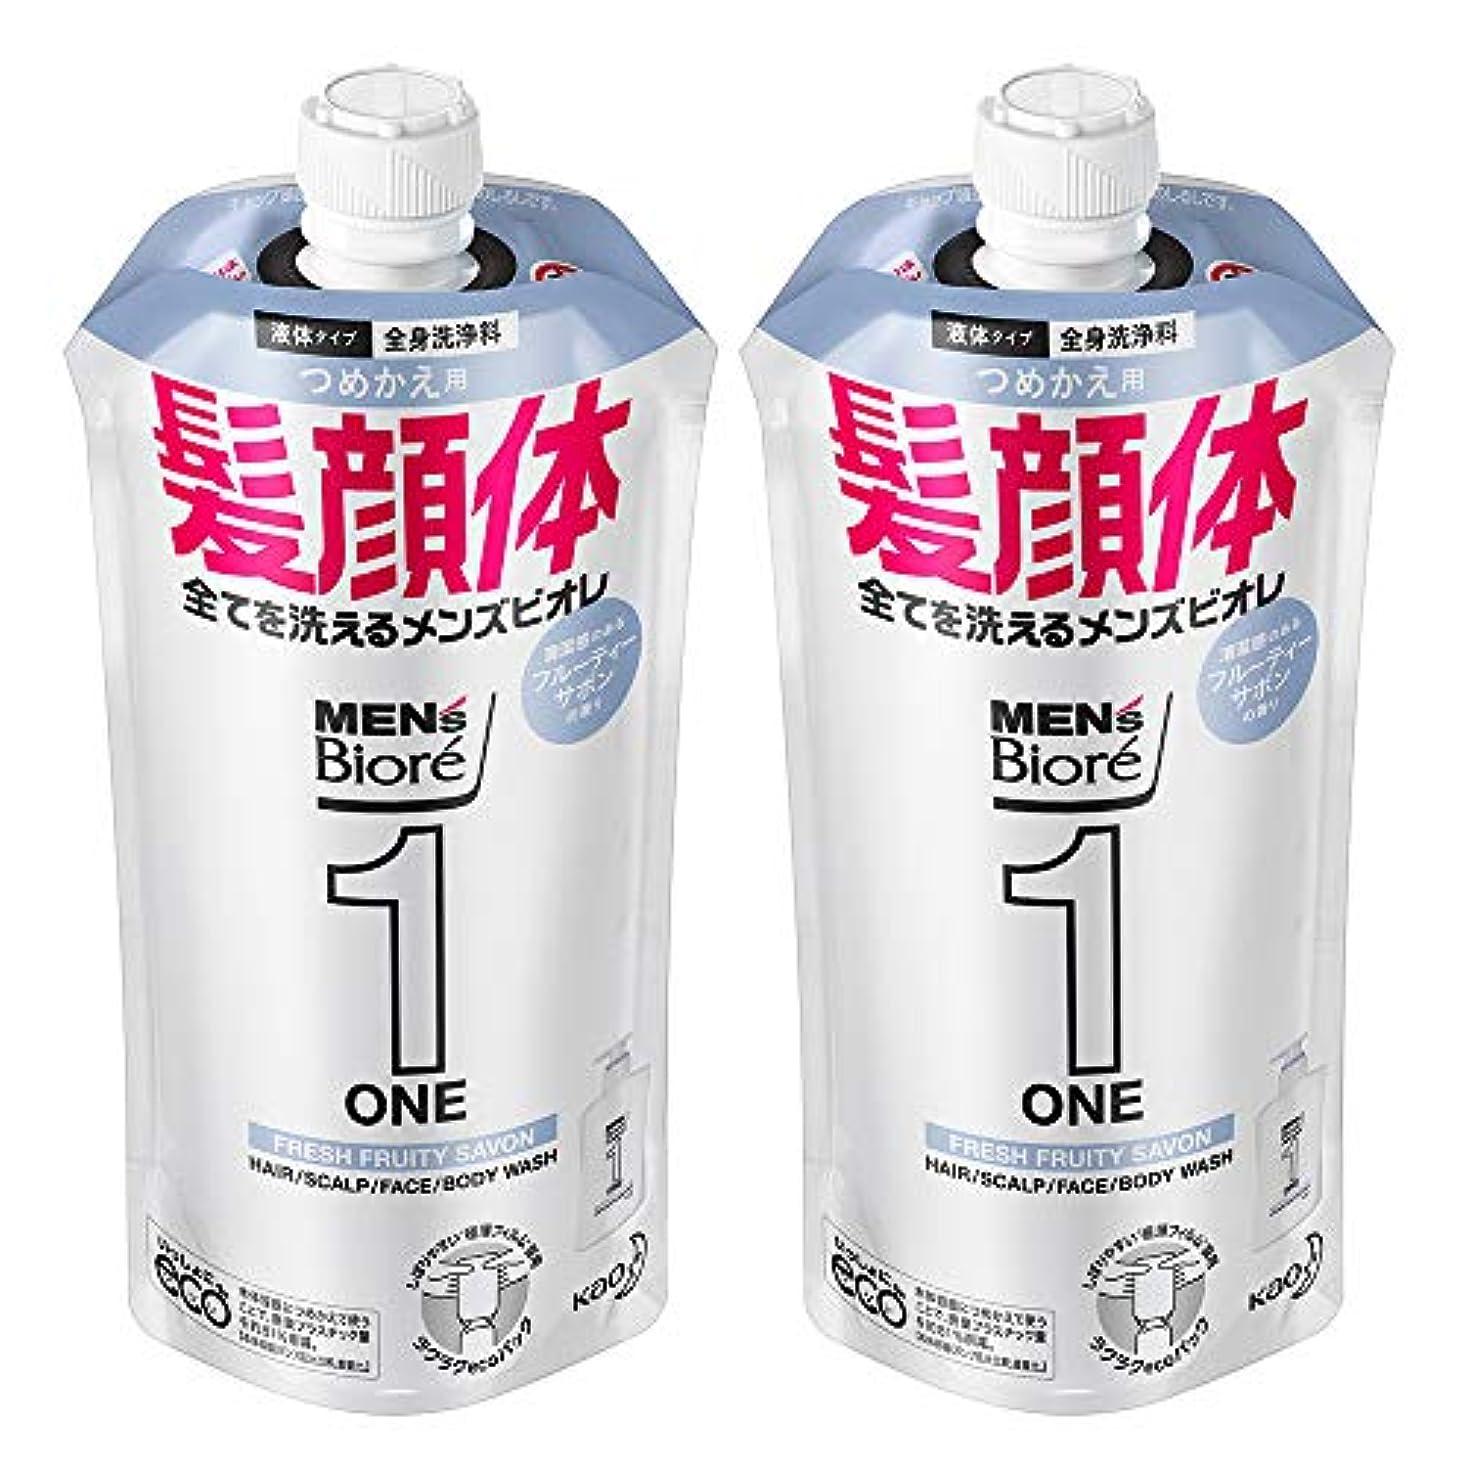 容赦ないますますタイマー【まとめ買い】メンズビオレ ONE オールインワン全身洗浄料 フルーティーサボンの香り つめかえ用 340ml×2個